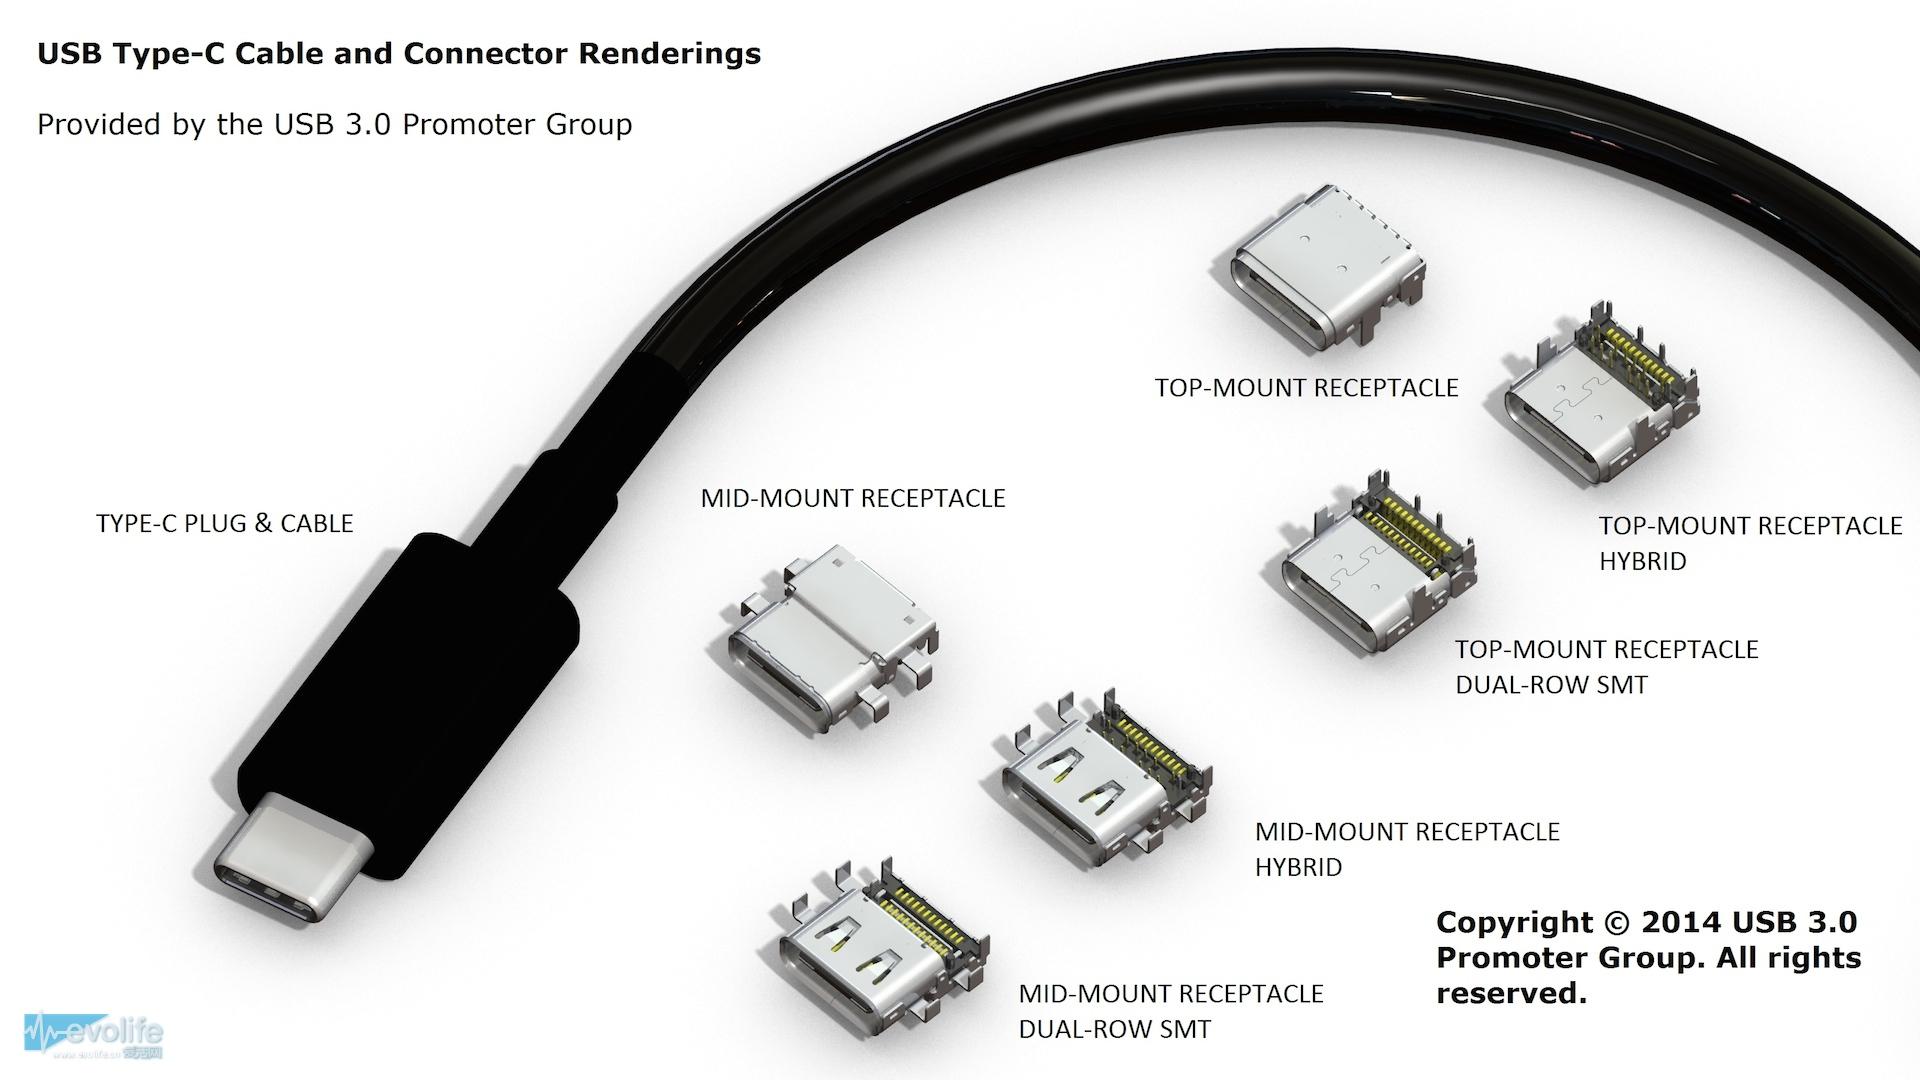 这种usb type-c线缆就能很好的接驳现有的普通dp,hdmi,dvi或者vga接口